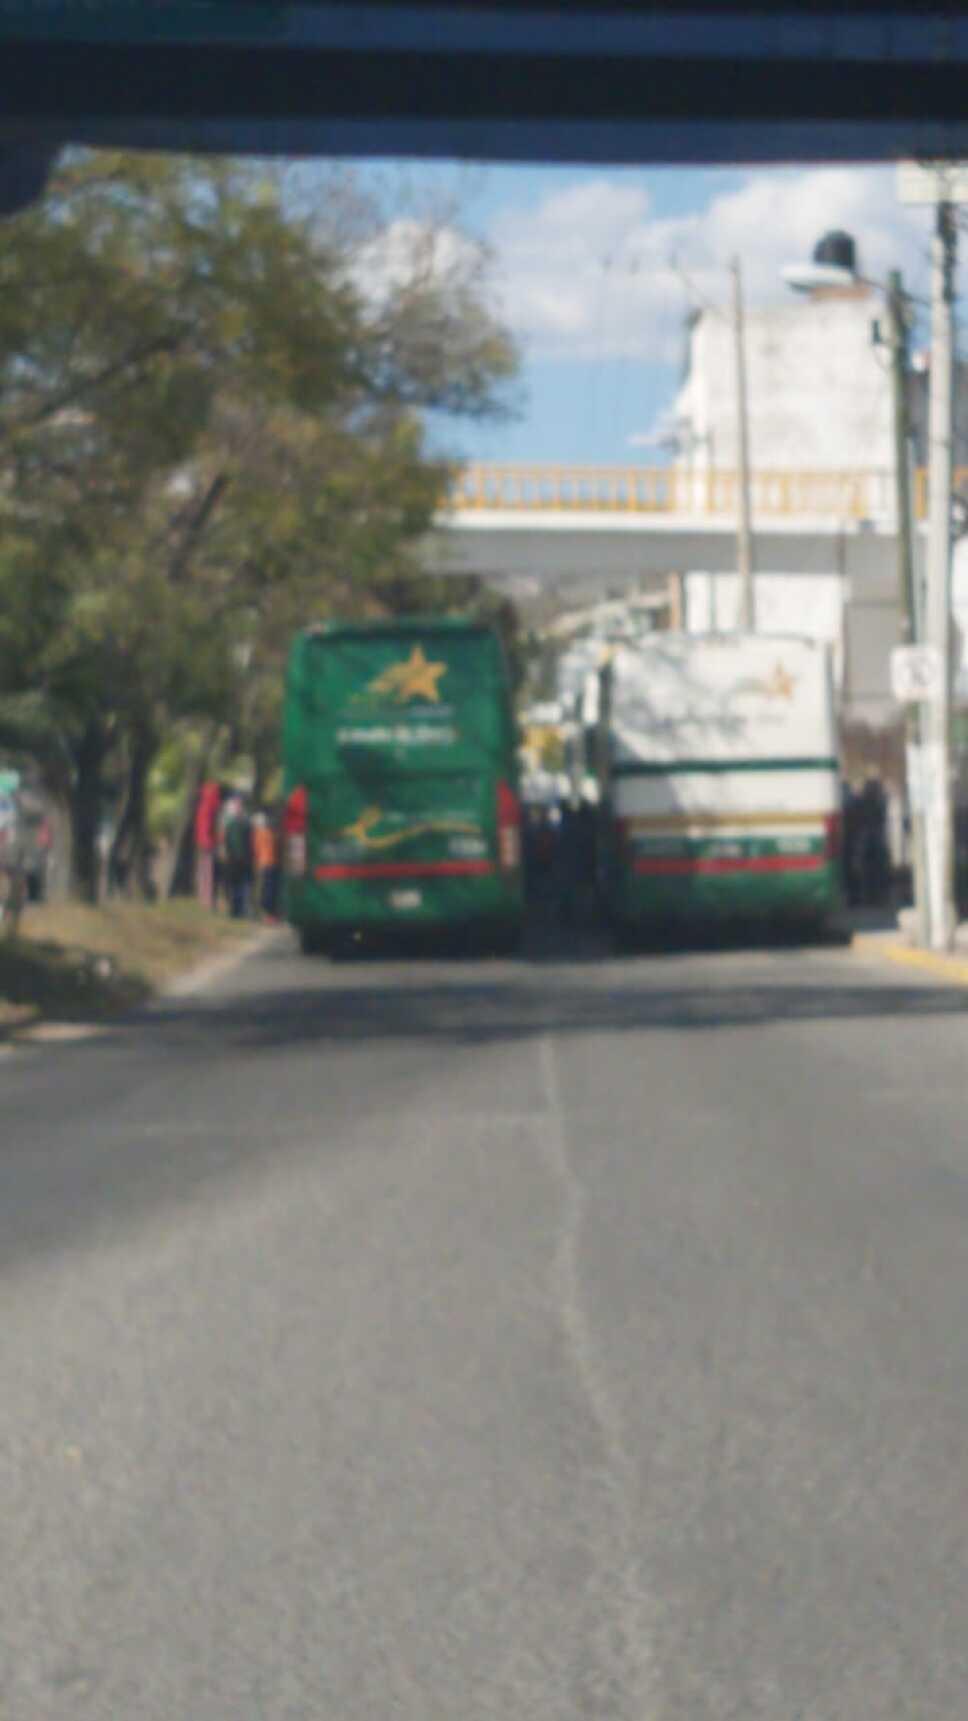 Secuestran autobuses en Chilpancingo, Guerrero